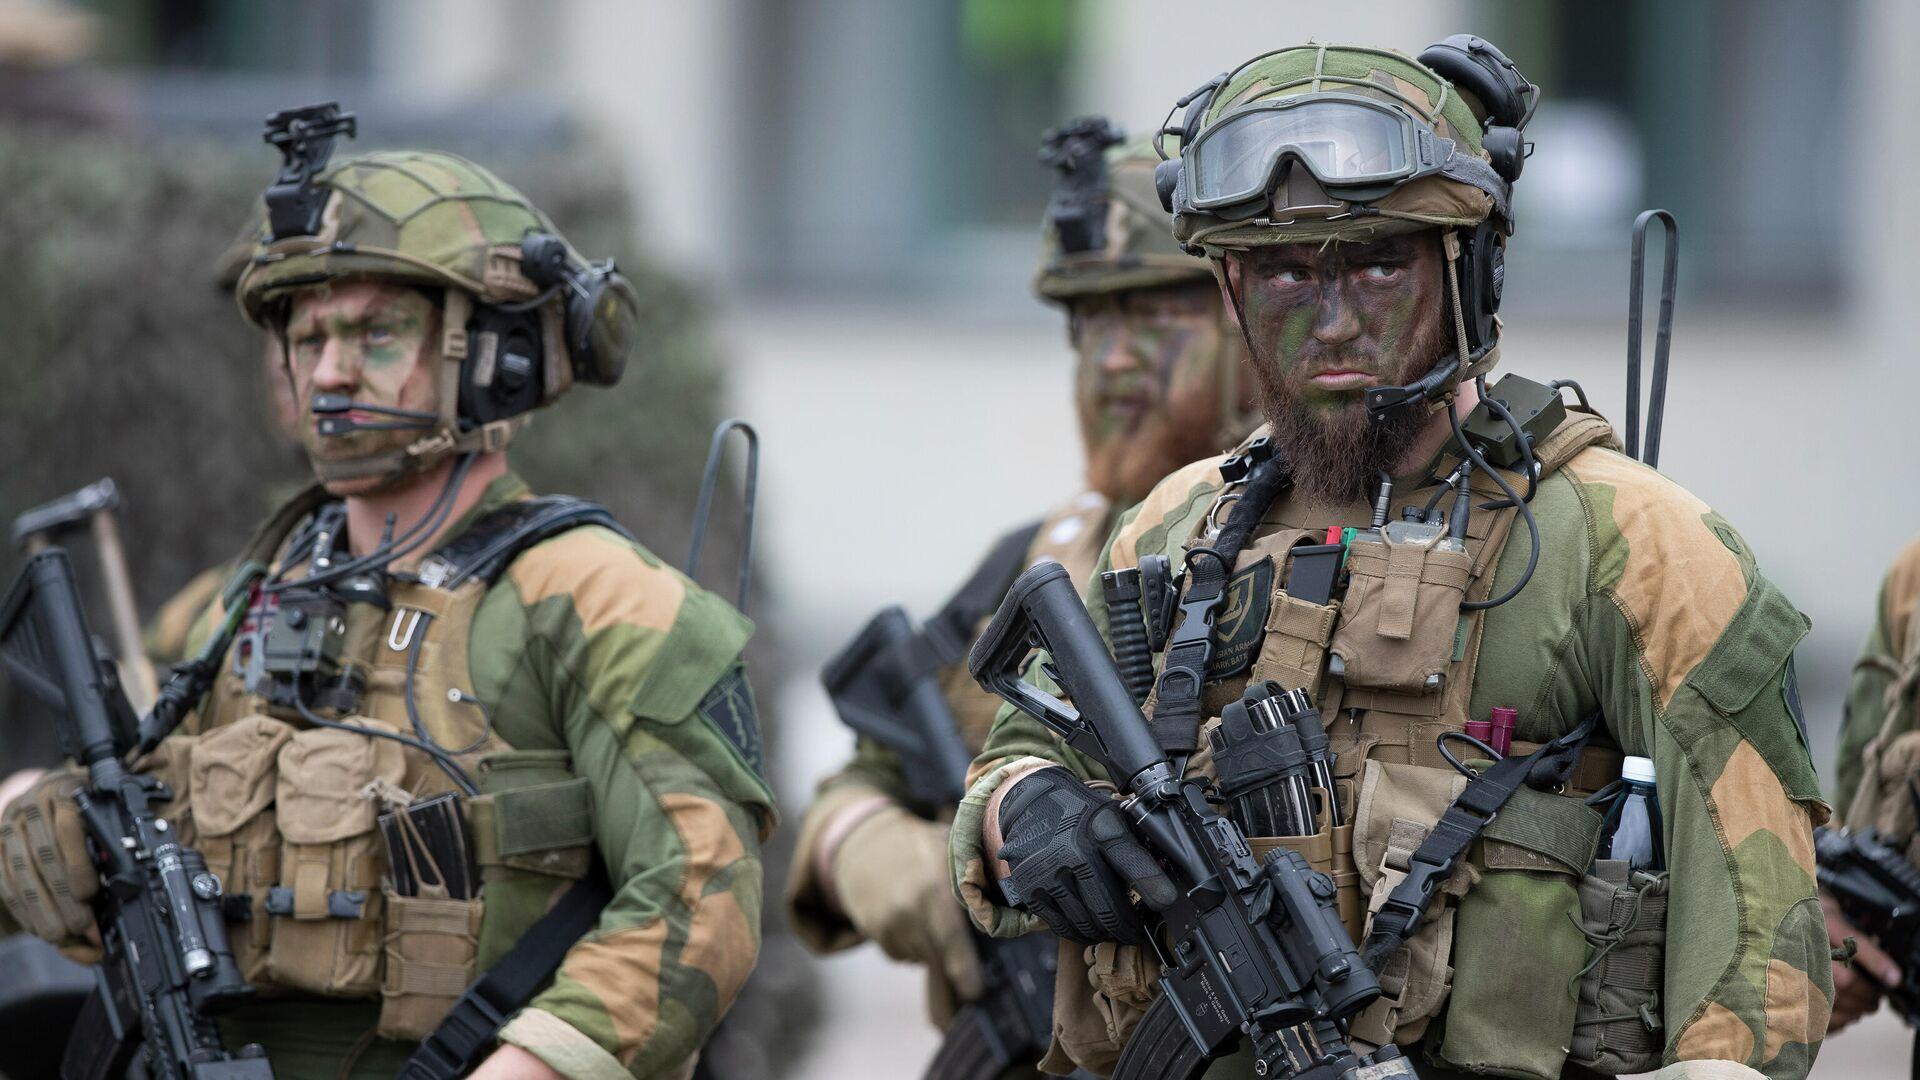 Норвежские солдаты усиленного передового присутствия НАТО - РИА Новости, 1920, 09.05.2021